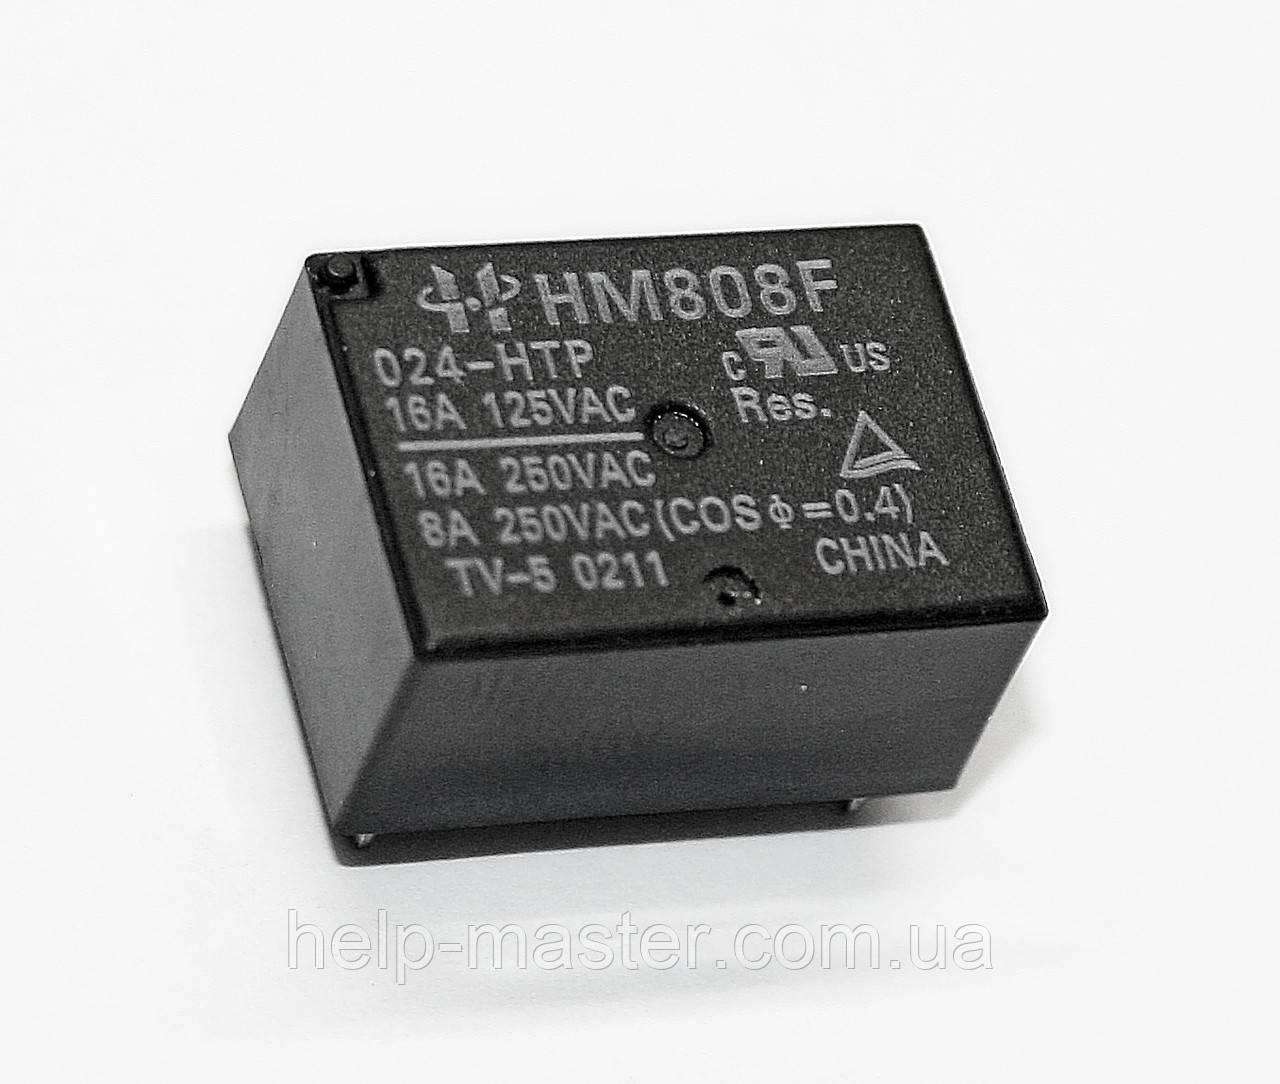 Реле HM808F-024-HTP;  24VDC,